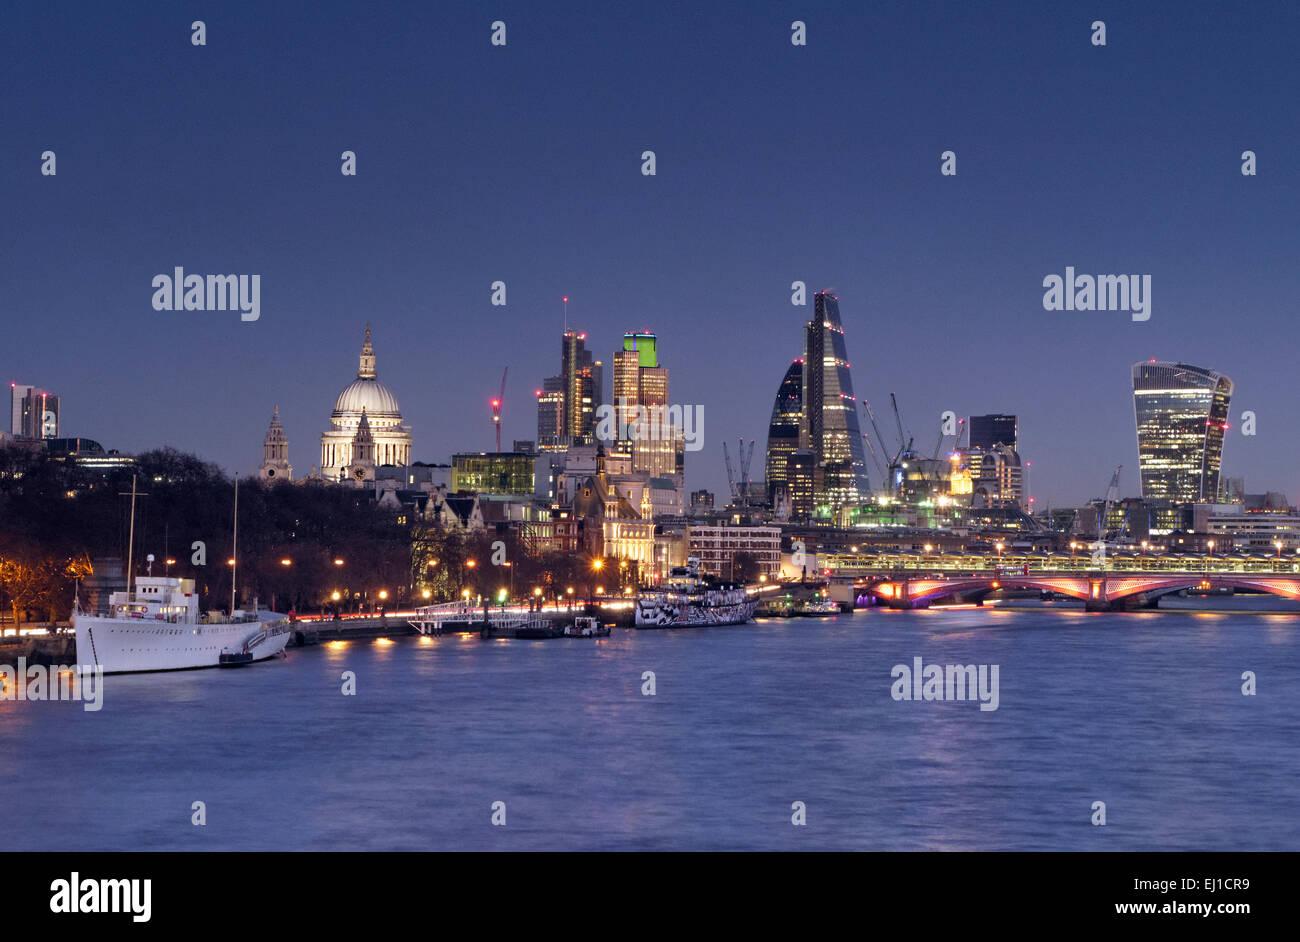 LONDON CITY FINANZEN SKYLINE NACHT DÄMMERUNG THEMSE Stadt der Londoner Stadtbild Beleuchtung & Themse von Stockbild